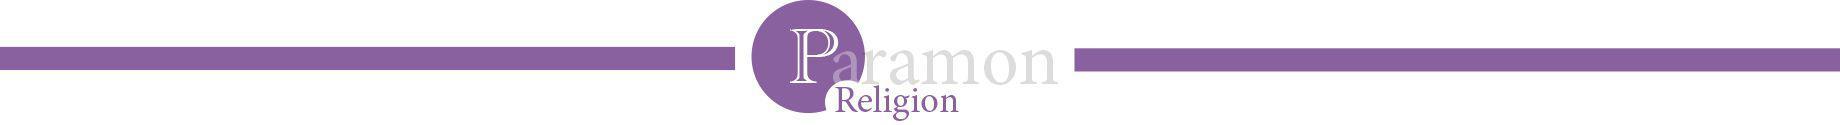 Religion-Buch-veroeffentlichen